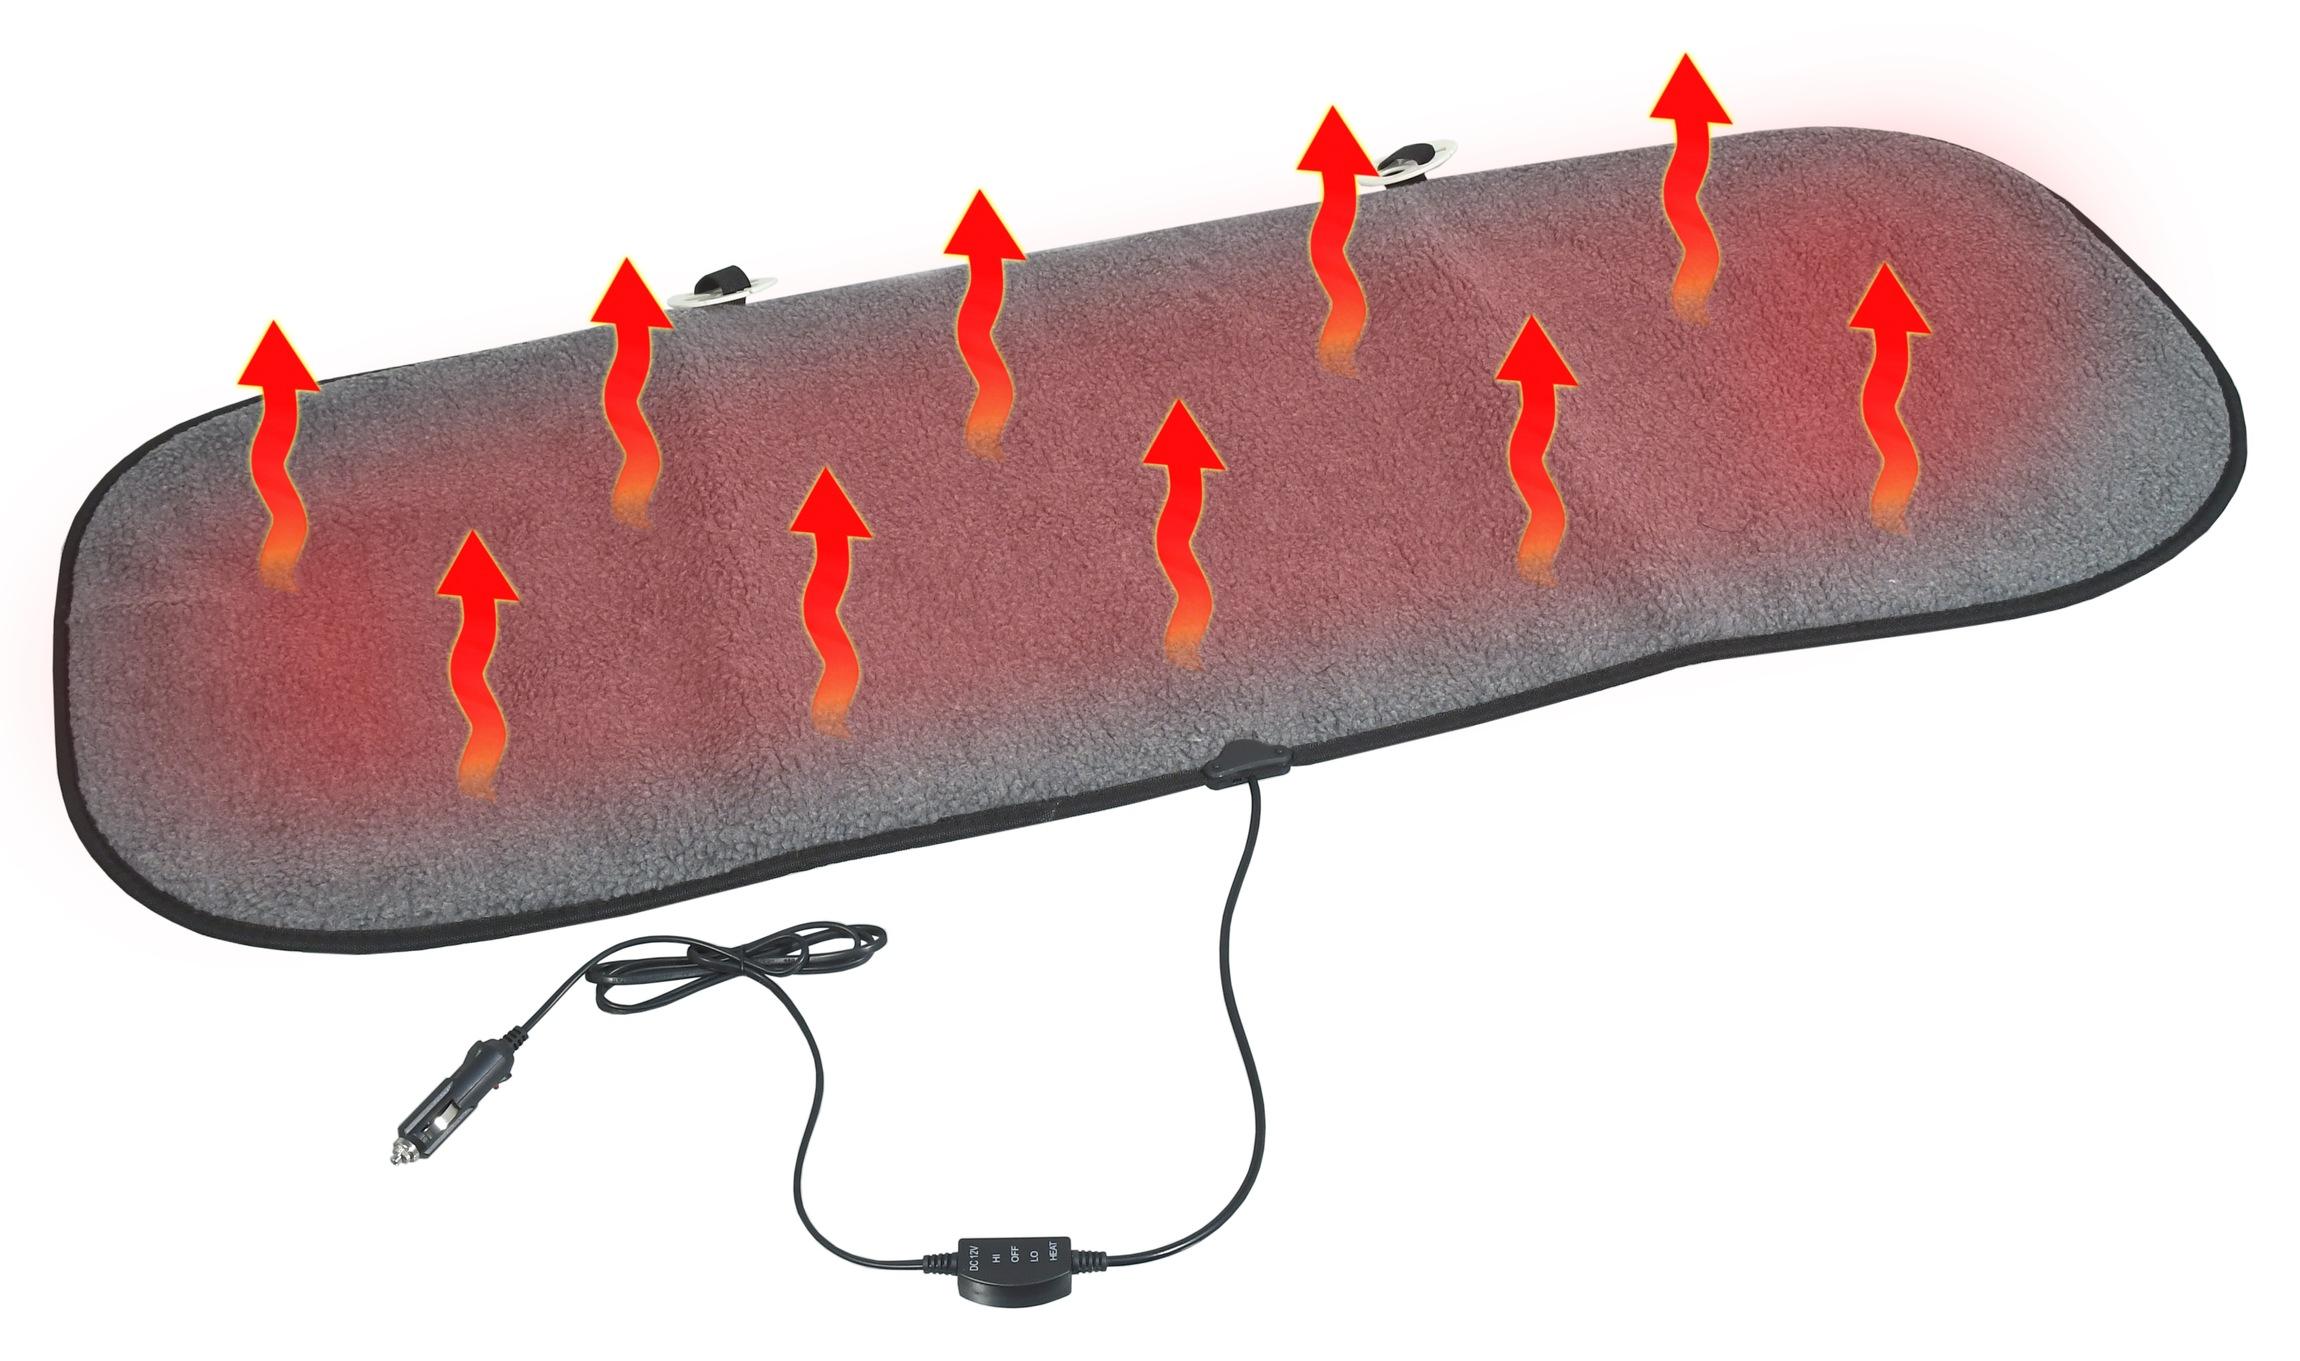 Potah sedadla vyhřívaný s termostatem 12V TEDDY zadní